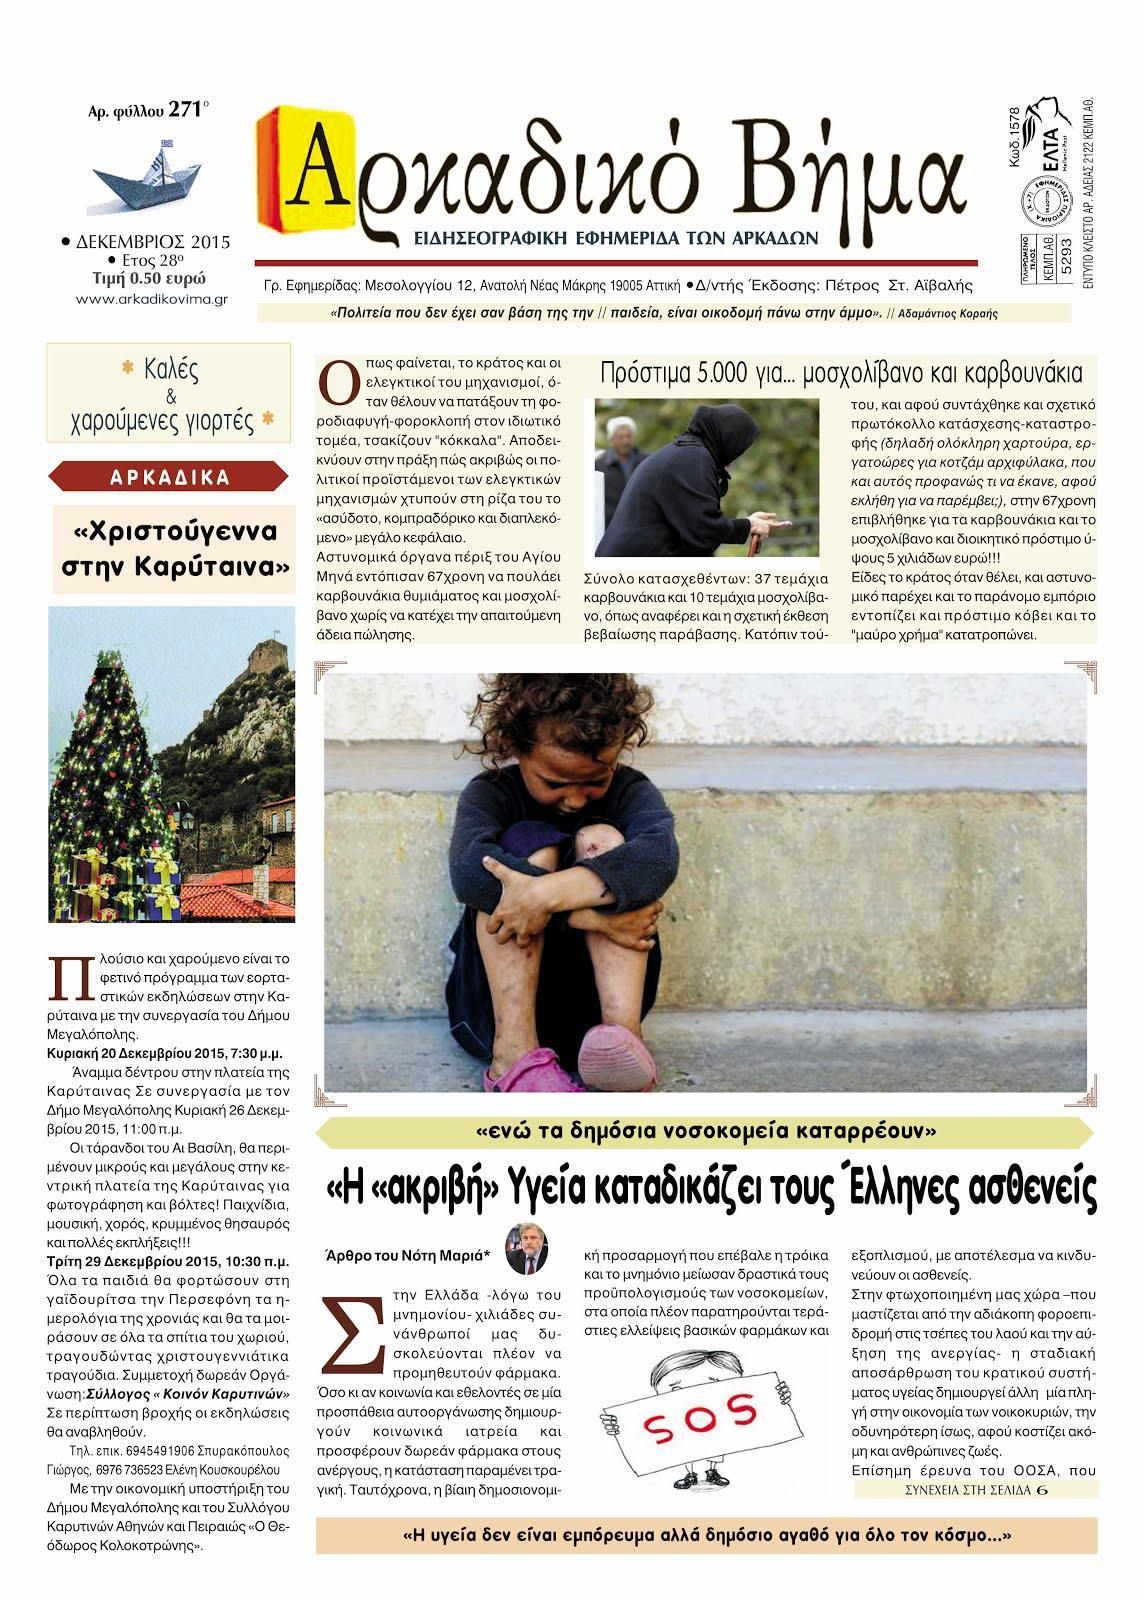 """Η """"ακριβή"""" Υγεία καταδικάζει τους Έλληνες ασθενείς, """"Χριστούγεννα στην Καρύταινα"""","""